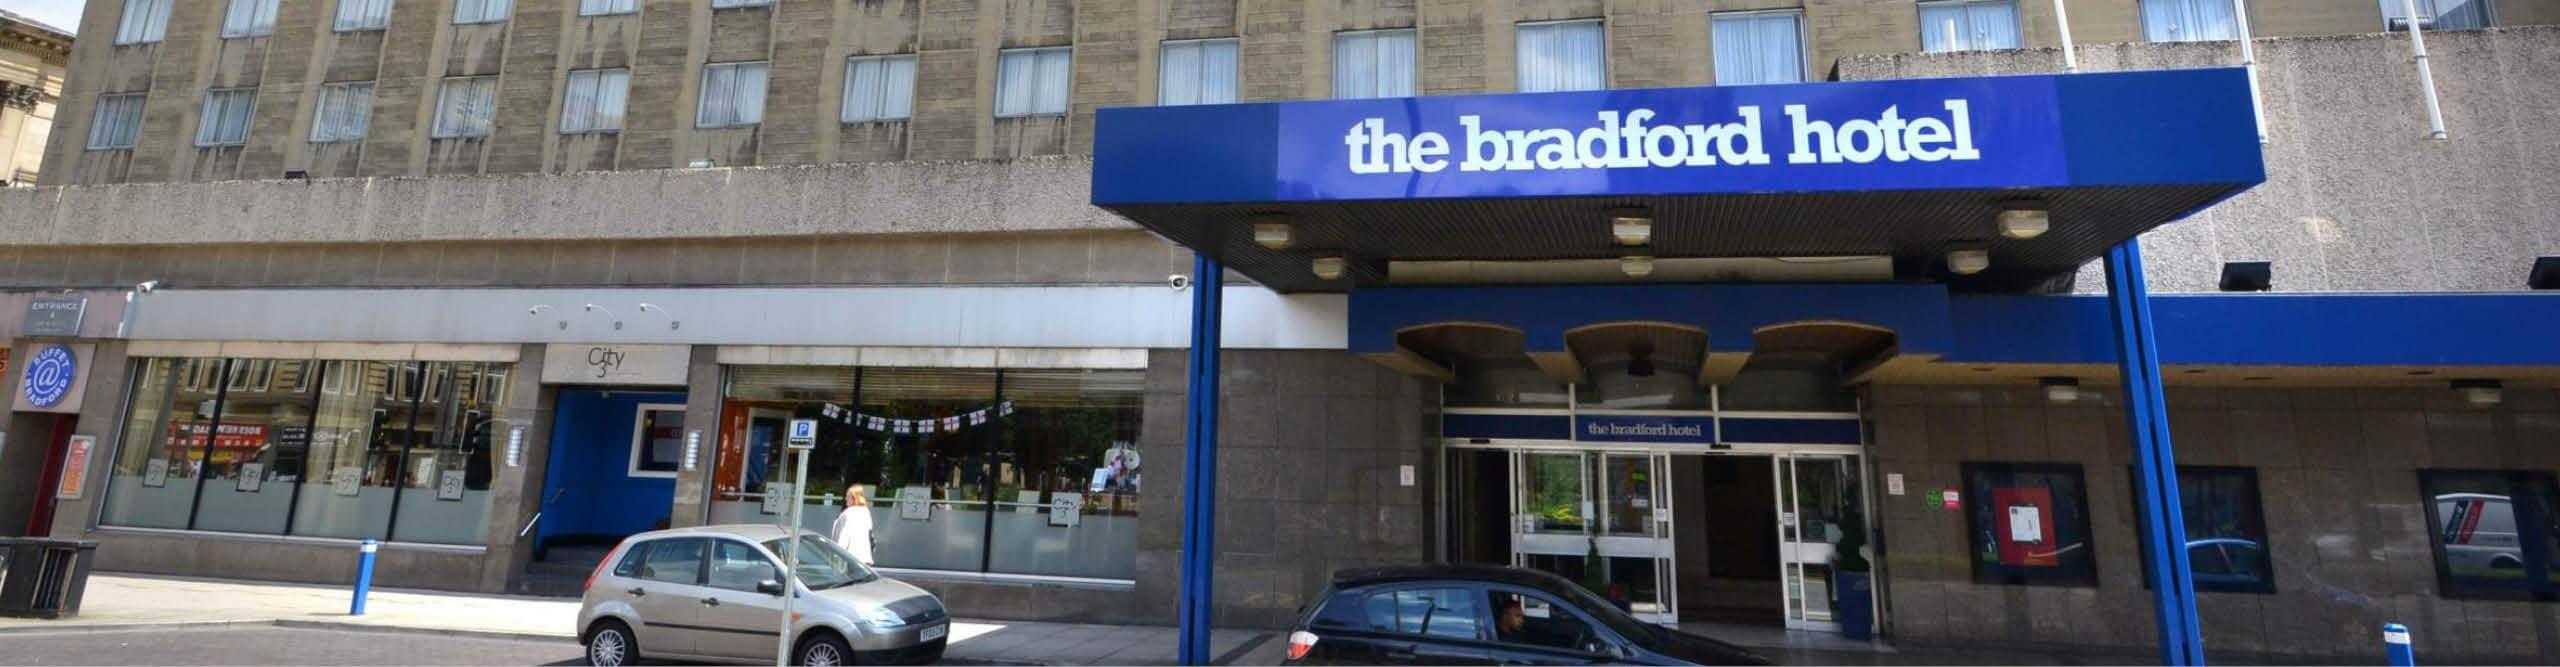 The Bradford Hotel Venue Hire